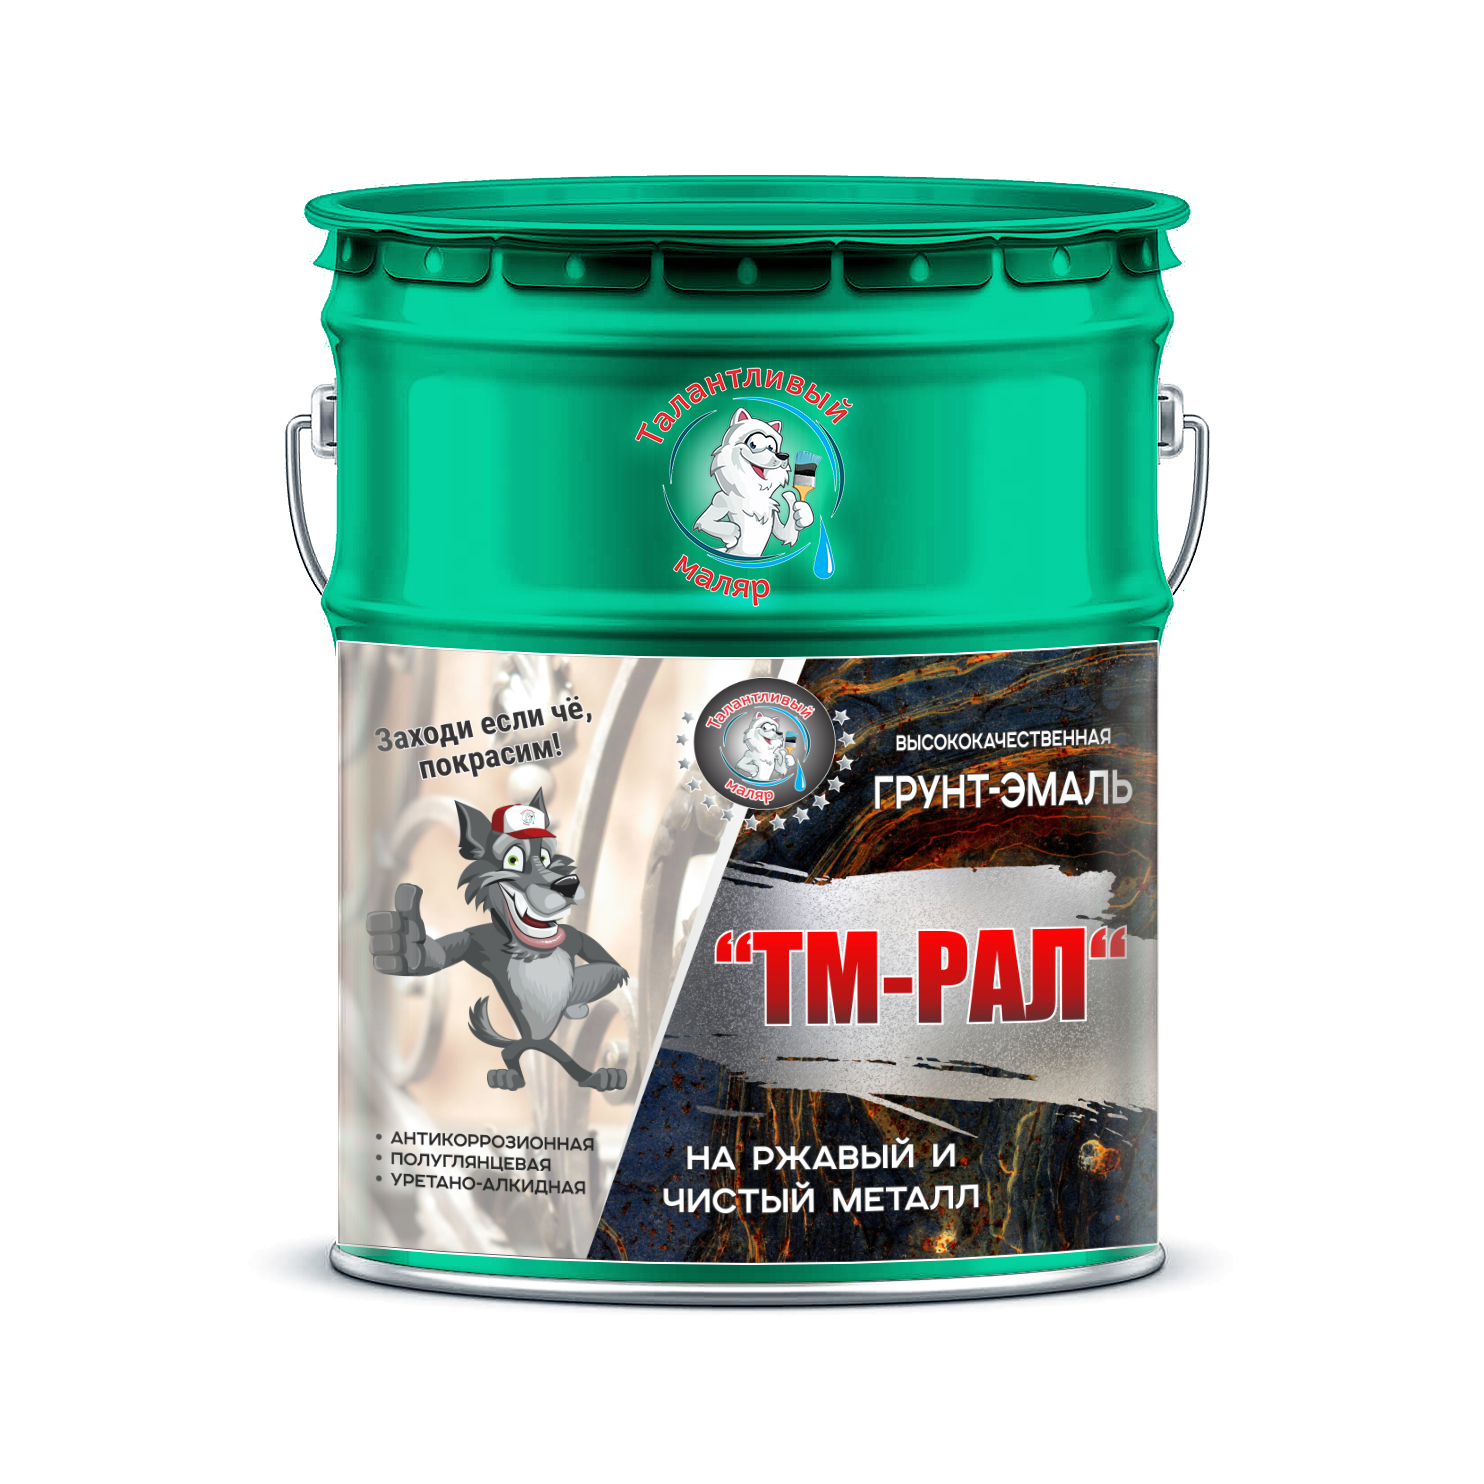 """Фото 17 - TM6016 Грунт-Эмаль """"ТМ РАЛ"""" уретано-алкидная 3 в 1 цвет RAL 6016 Бирюзово-зелёный, антикоррозионная,  полуглянцевая для черных металлов, 20 кг """"Талантливый маляр""""."""